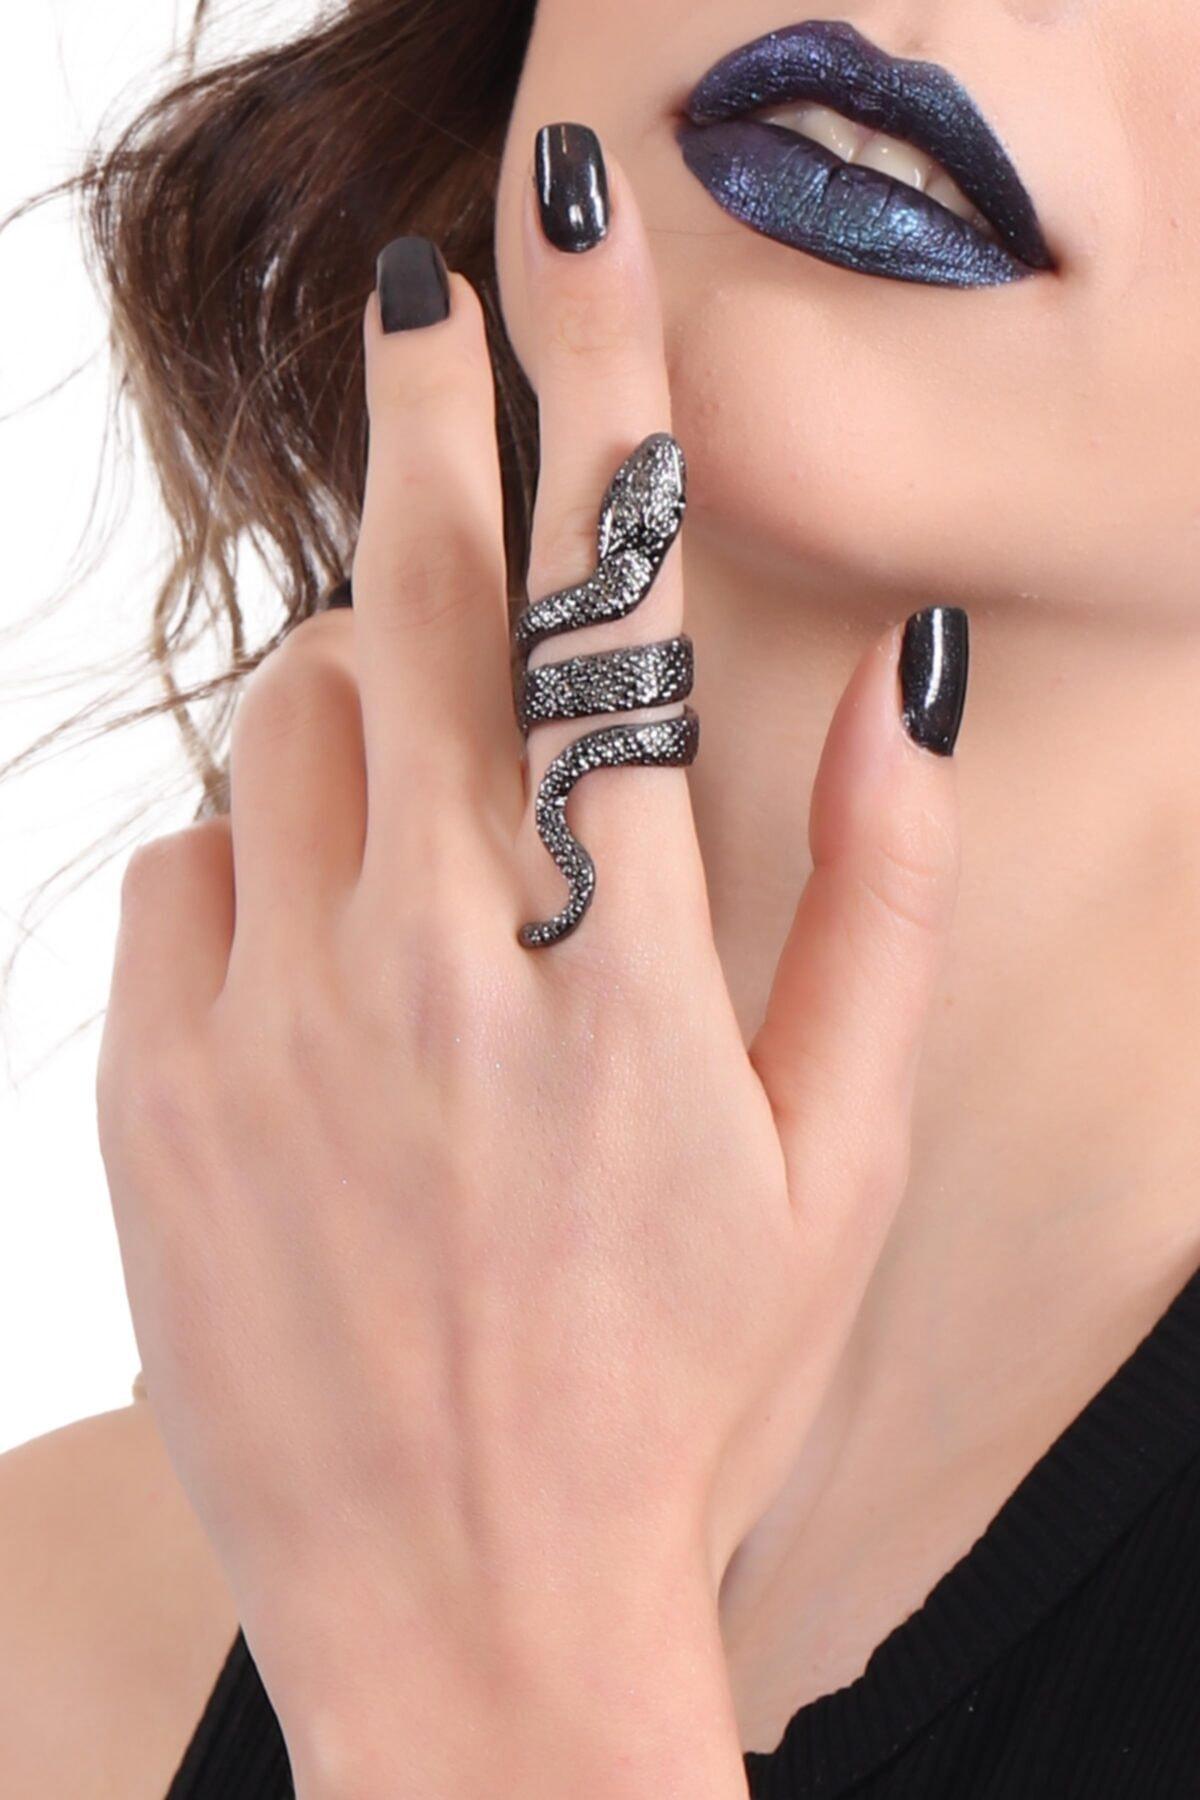 LABALABA Kadın Metalik Antrasit Lak Kaplama Dolama Model Yılan Formlu Ayarlanabilir Sağ Parmak Yüzük 1